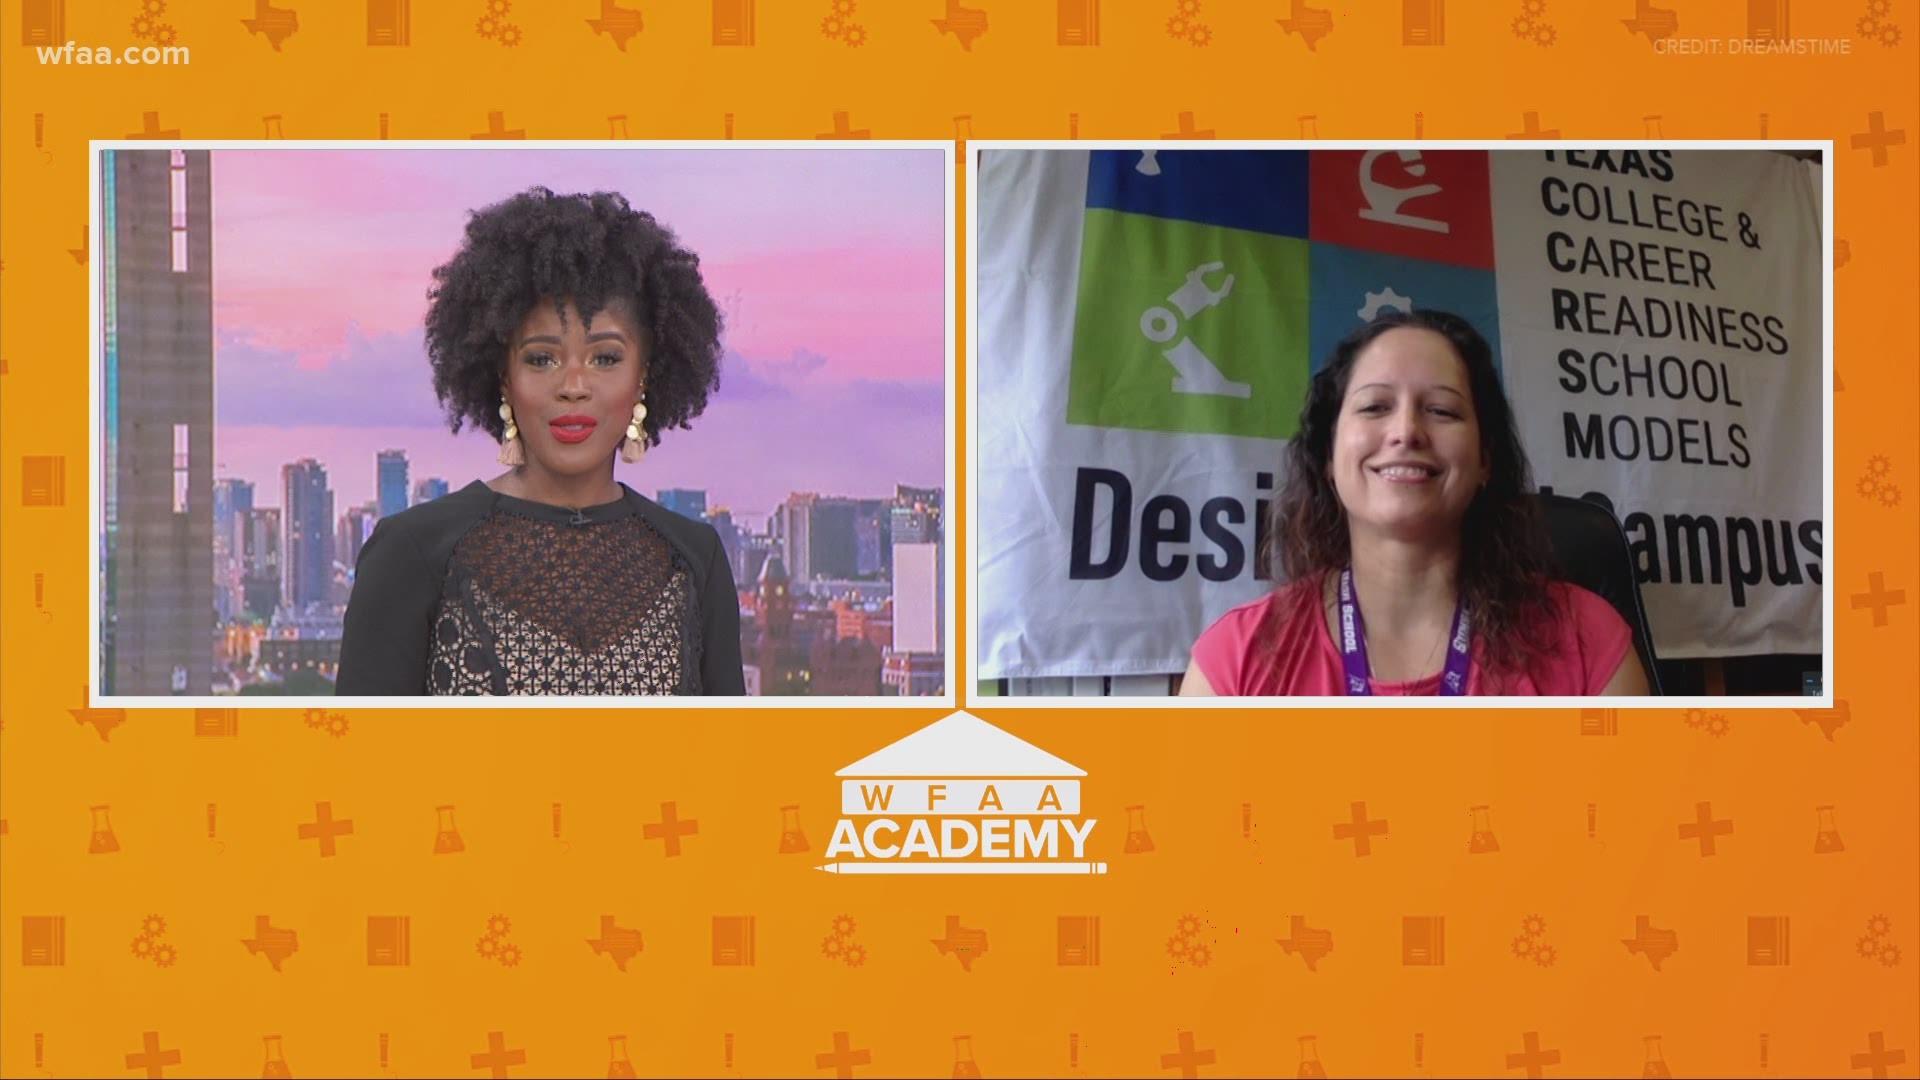 Wfaa Academy Career Planning For Teens Wfaa Com